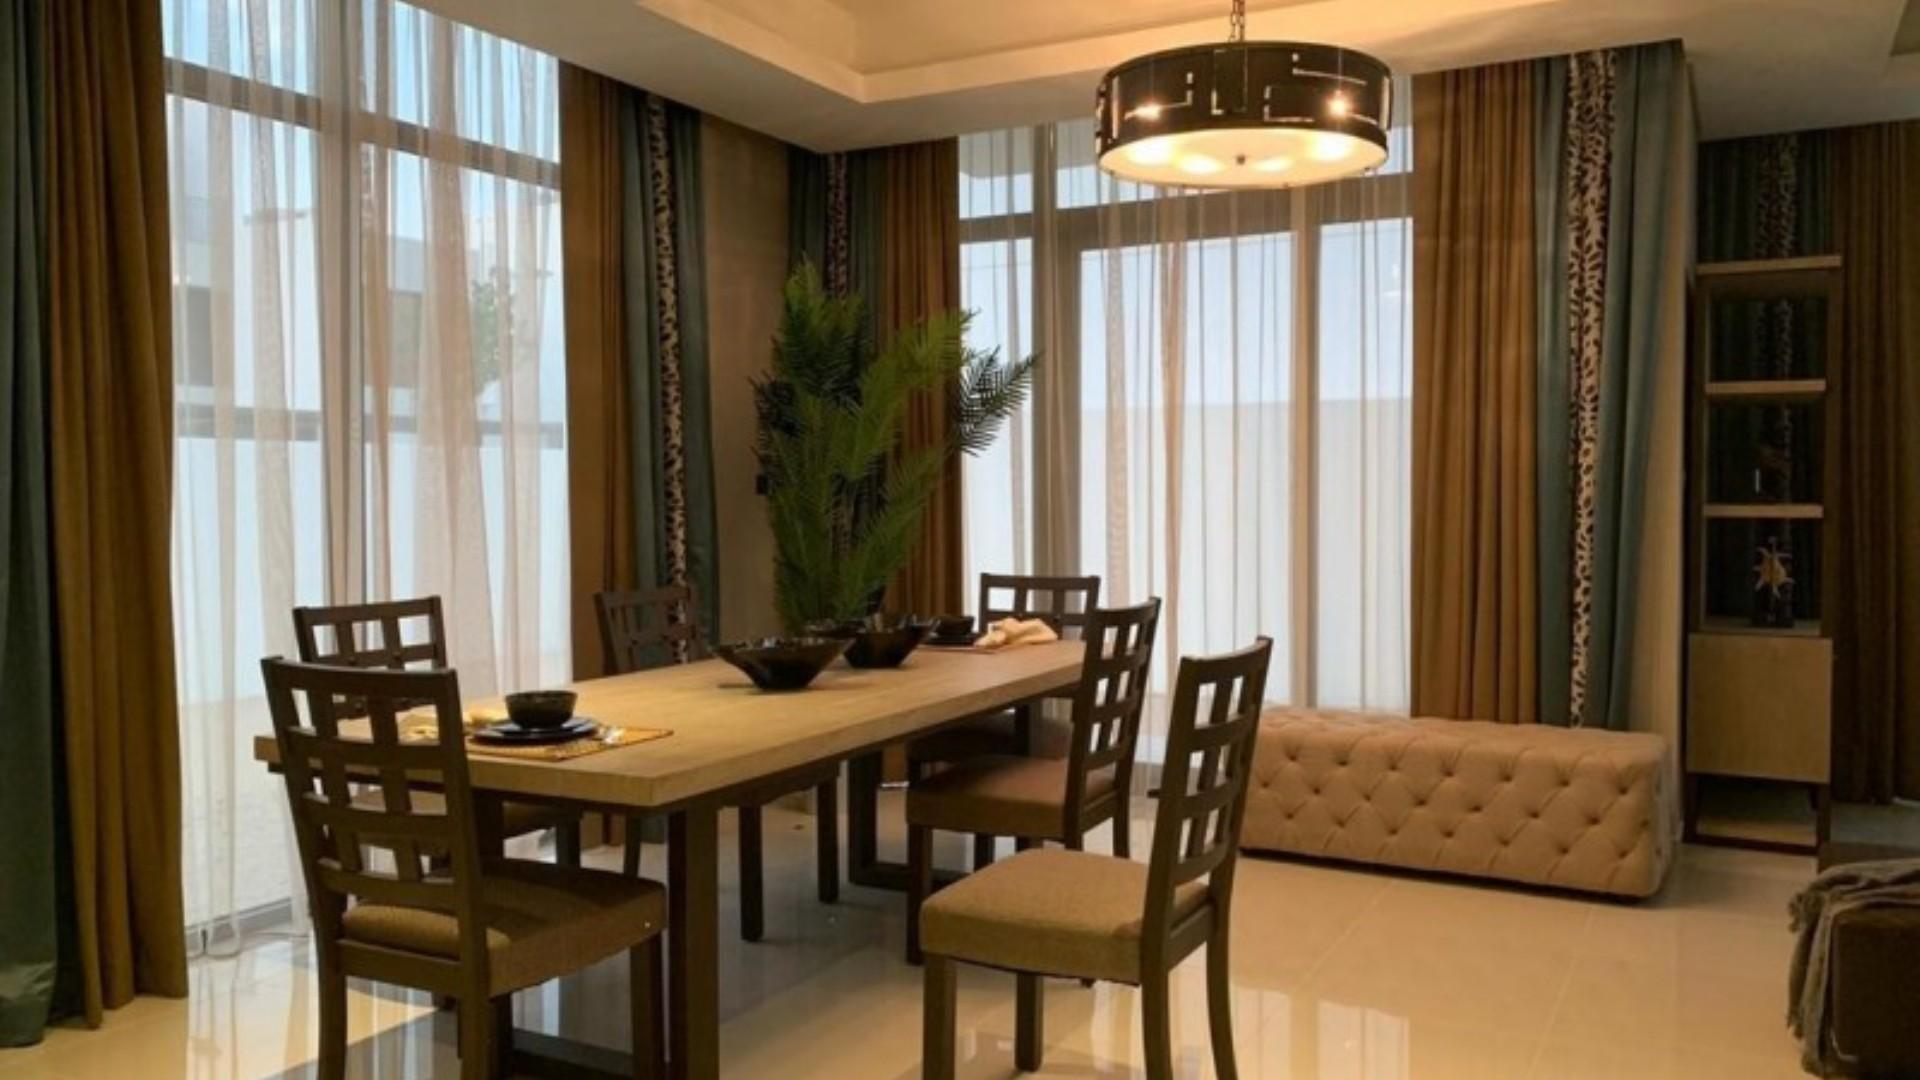 Villa en venta en Dubai, EAU, 6 dormitorios, 278 m2, № 24338 – foto 1